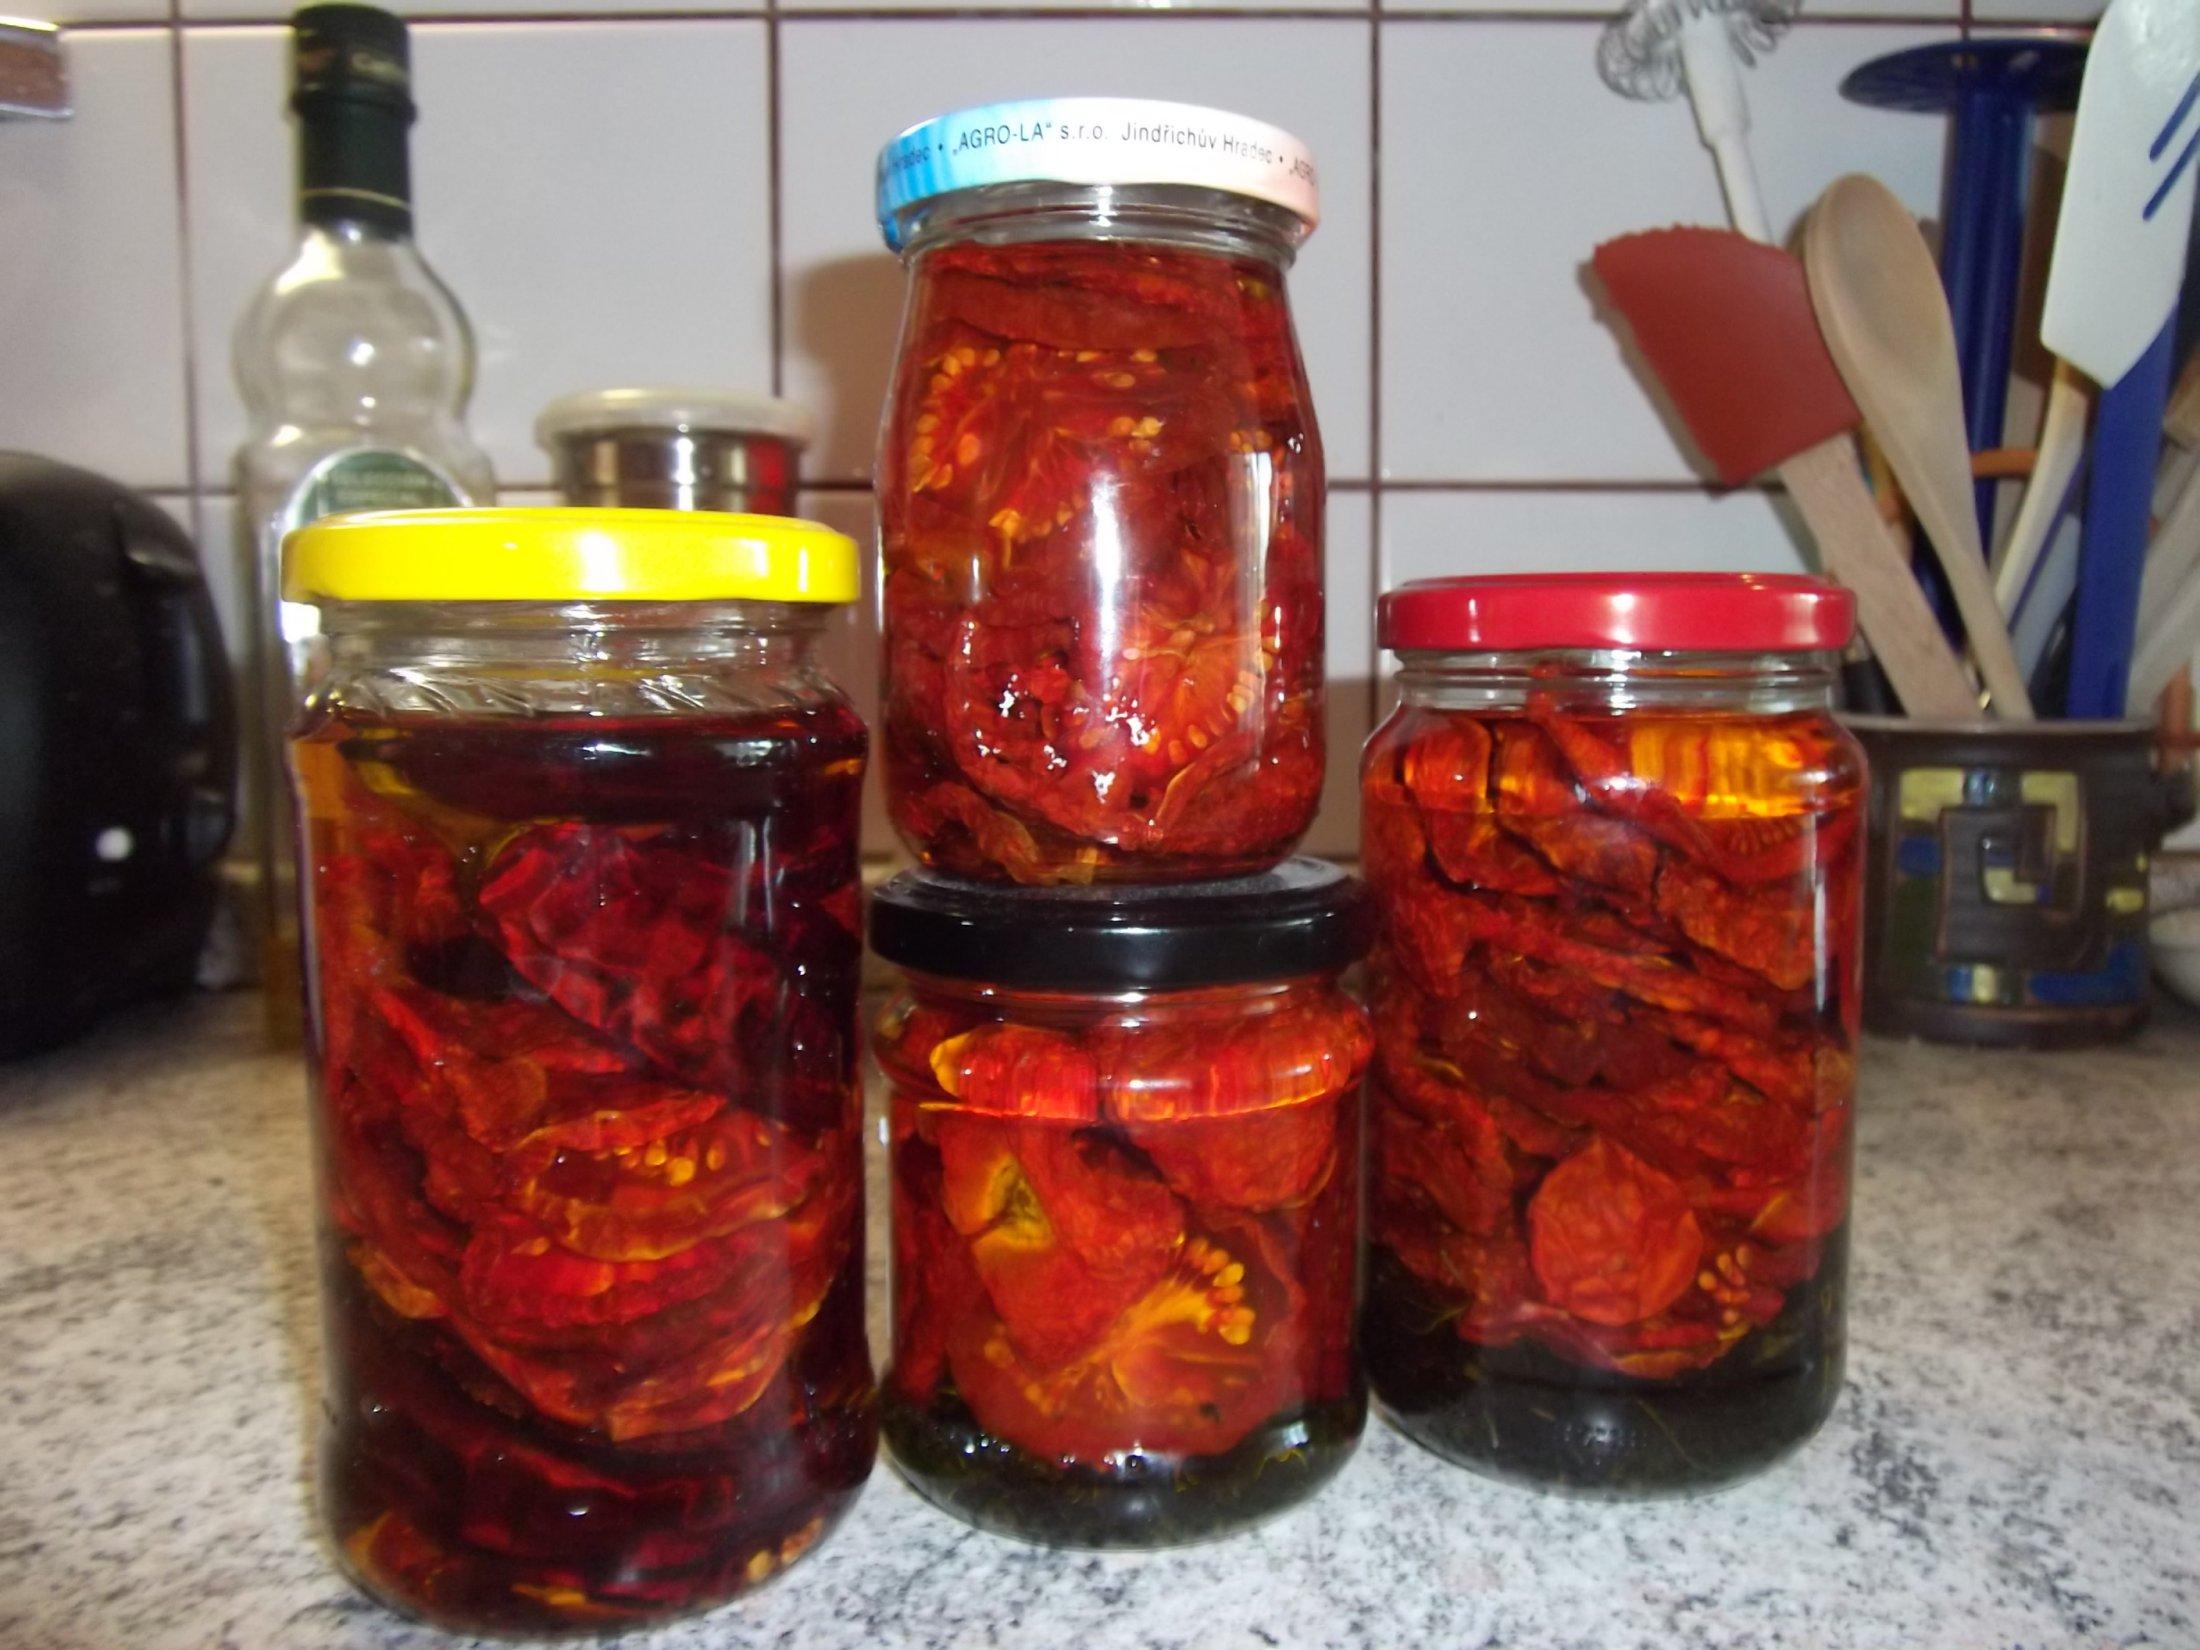 Recept Sušená rajčata v oleji - Rajčata s bazalkou, chilli papričkou a jenom samotné.